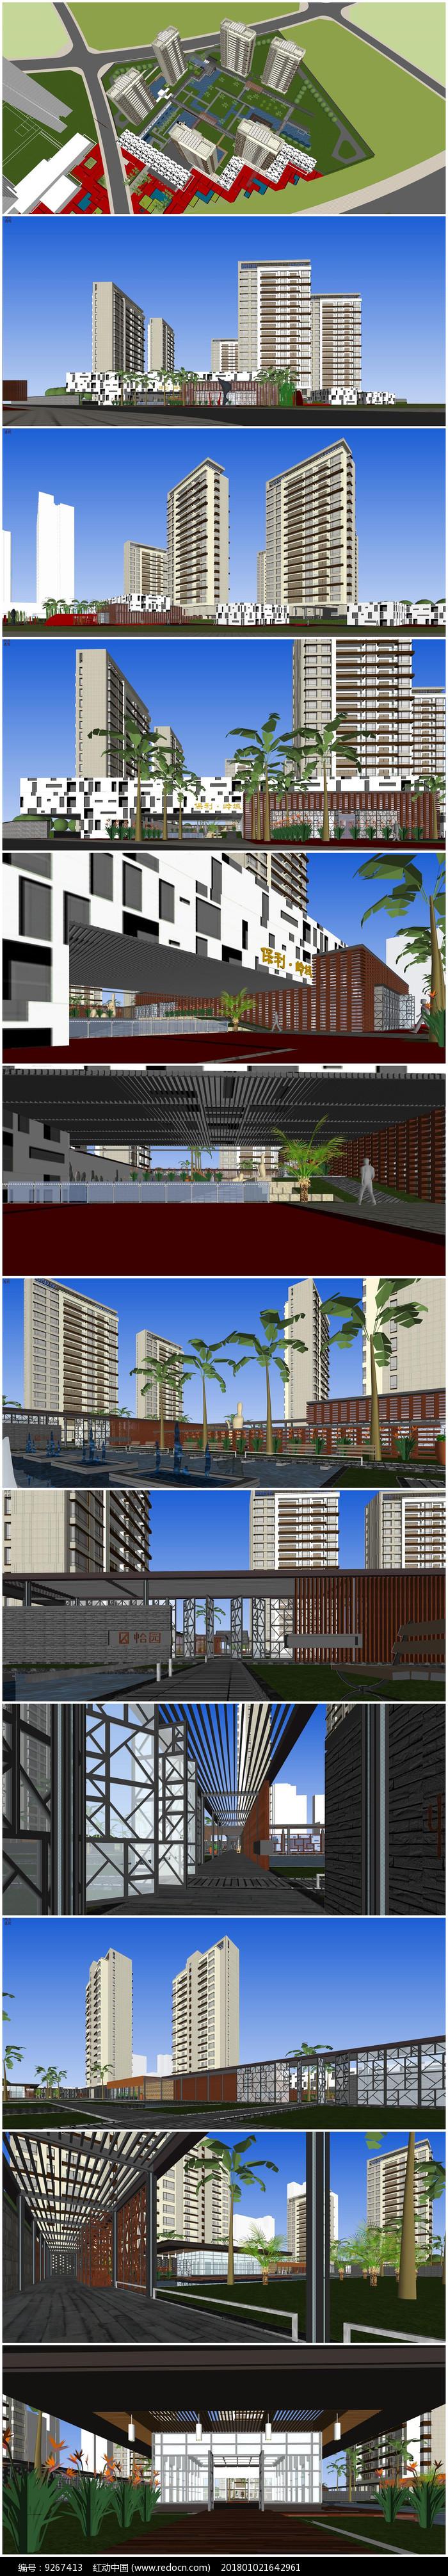 珠海新亚洲风格高层SU模型图片